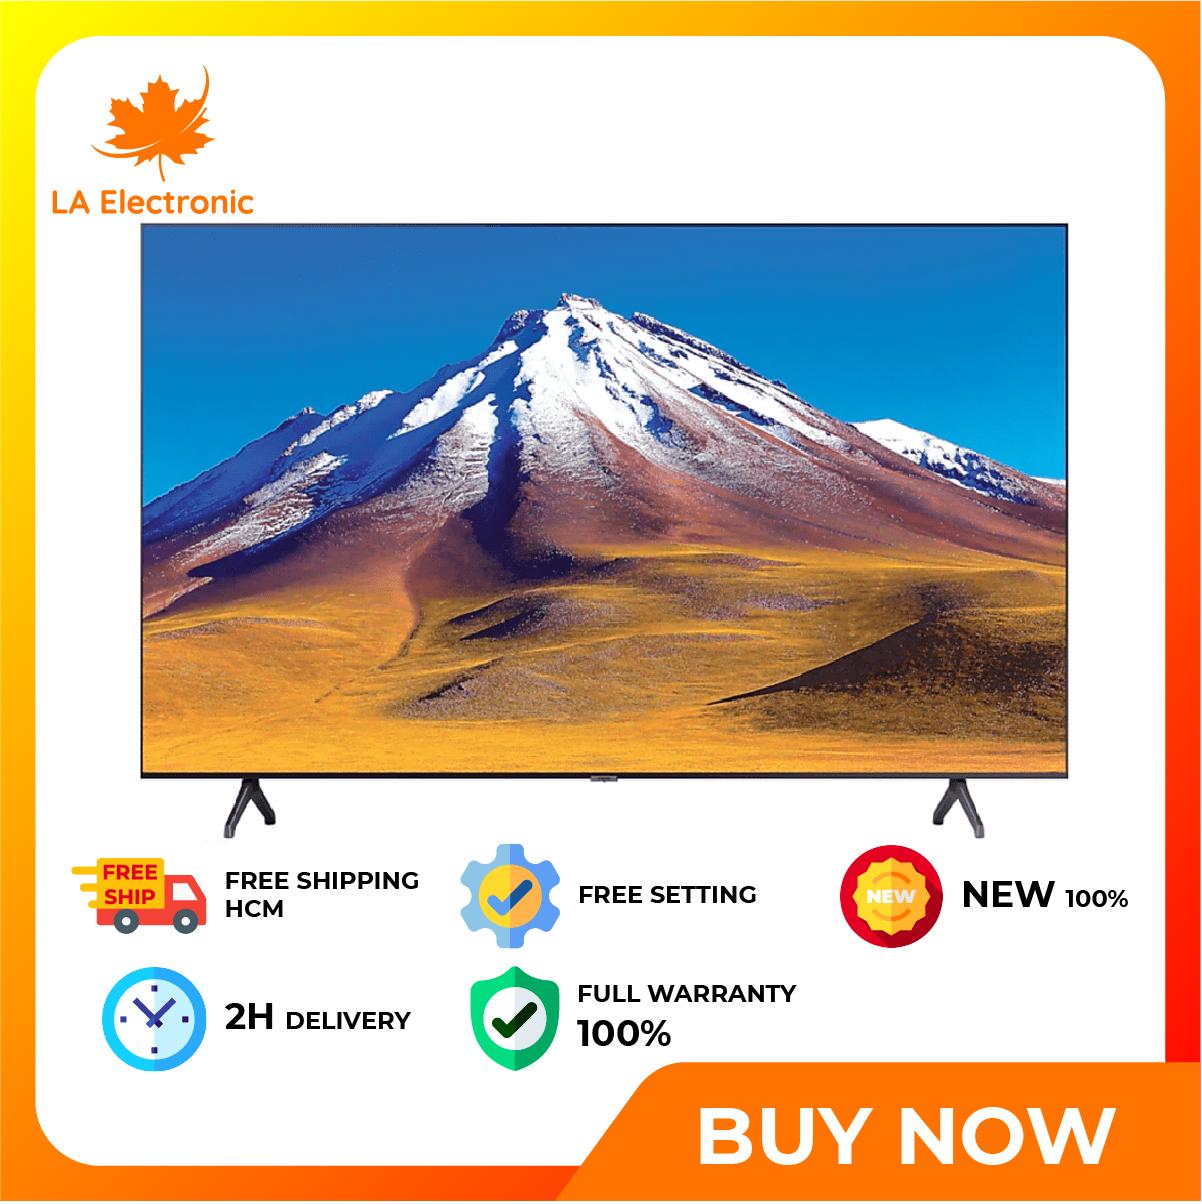 [Trả góp 0%]Installment 0% - Smart TV Samsung 4K 65 inch UA65TU6900 - Miễn phí vận chuyển HCM